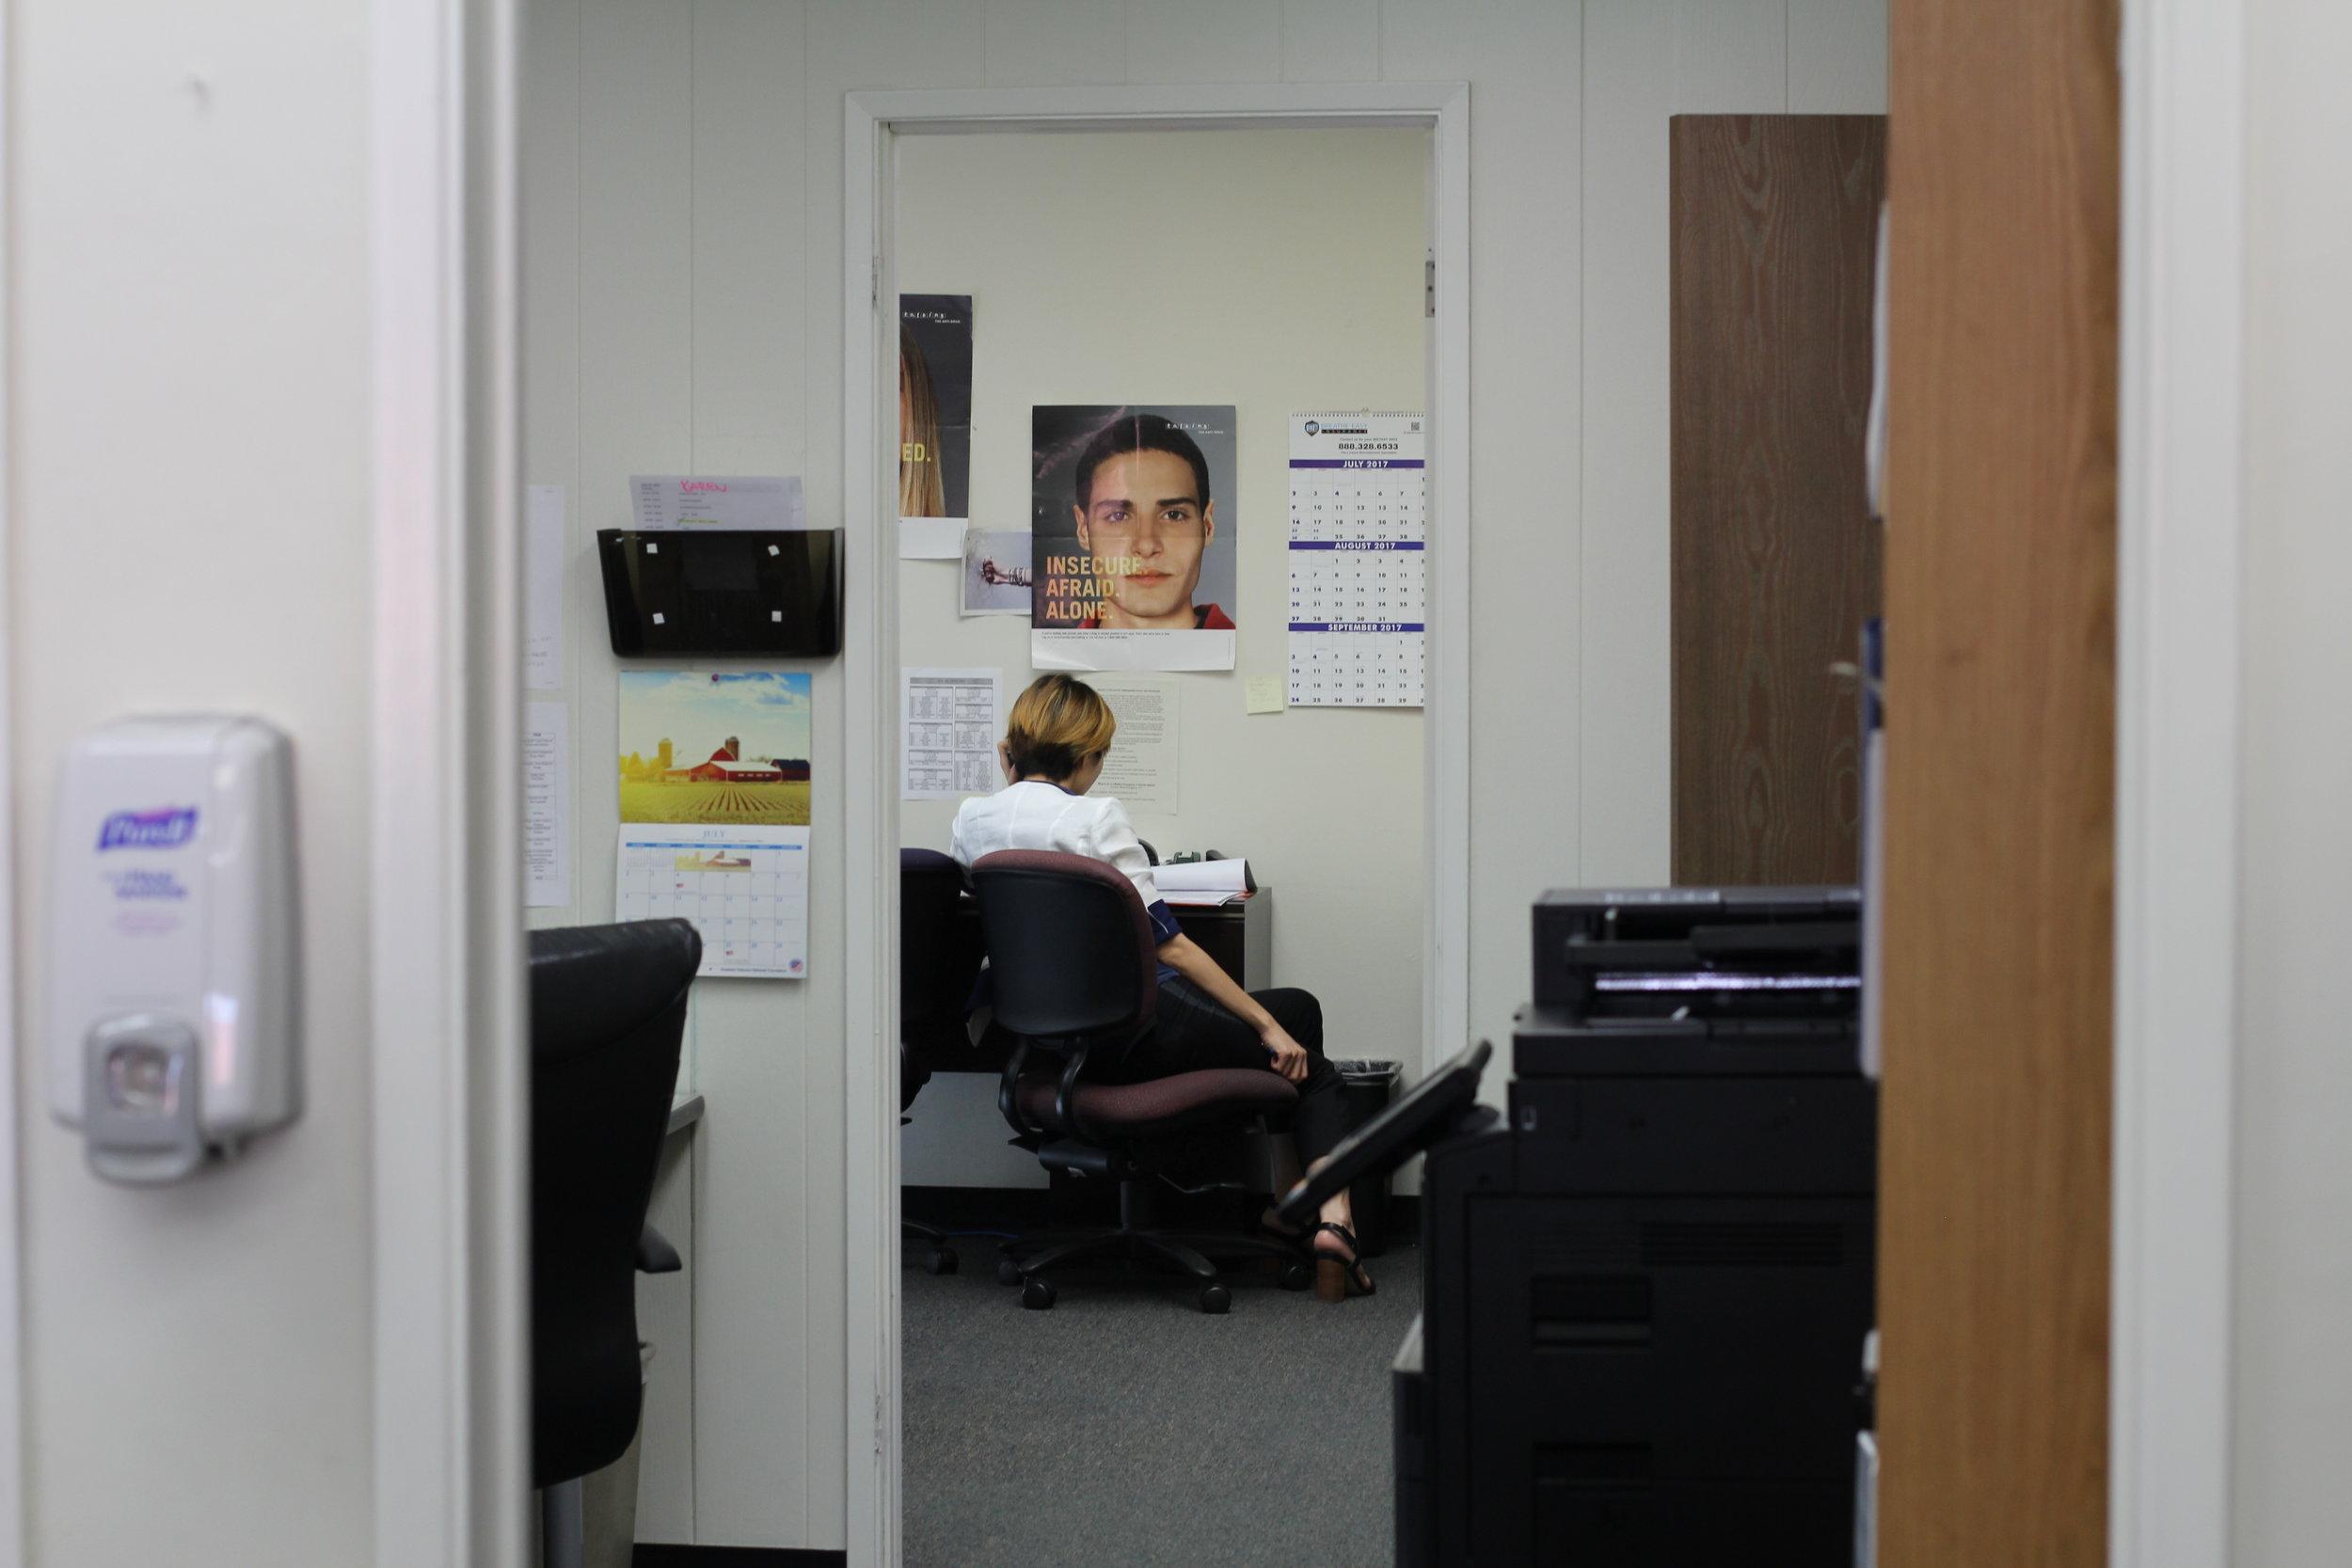 Irvine Office  18 Truman St. Suite 104 Irvine, CA 92620 Phone: 949.654.9163 Fax: 949.654.8207